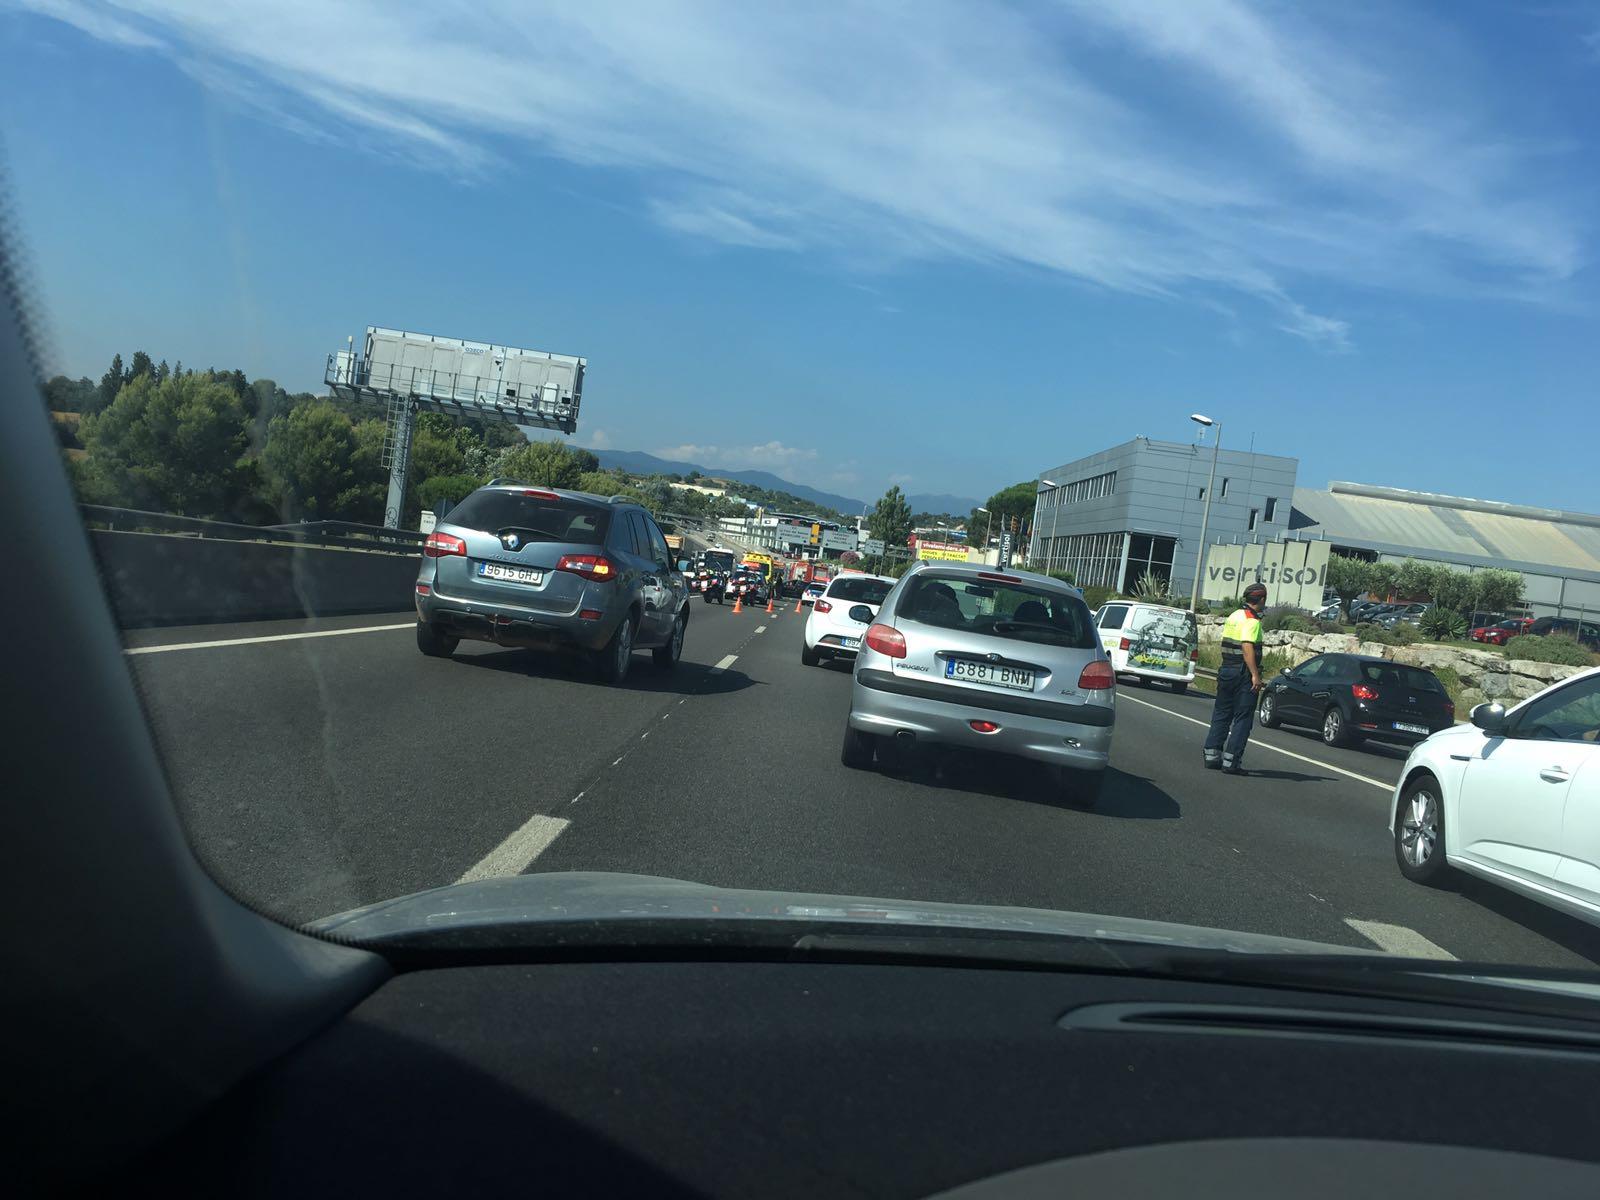 Vehicles aturats a la cua amb el cotxe sinistrat al fons